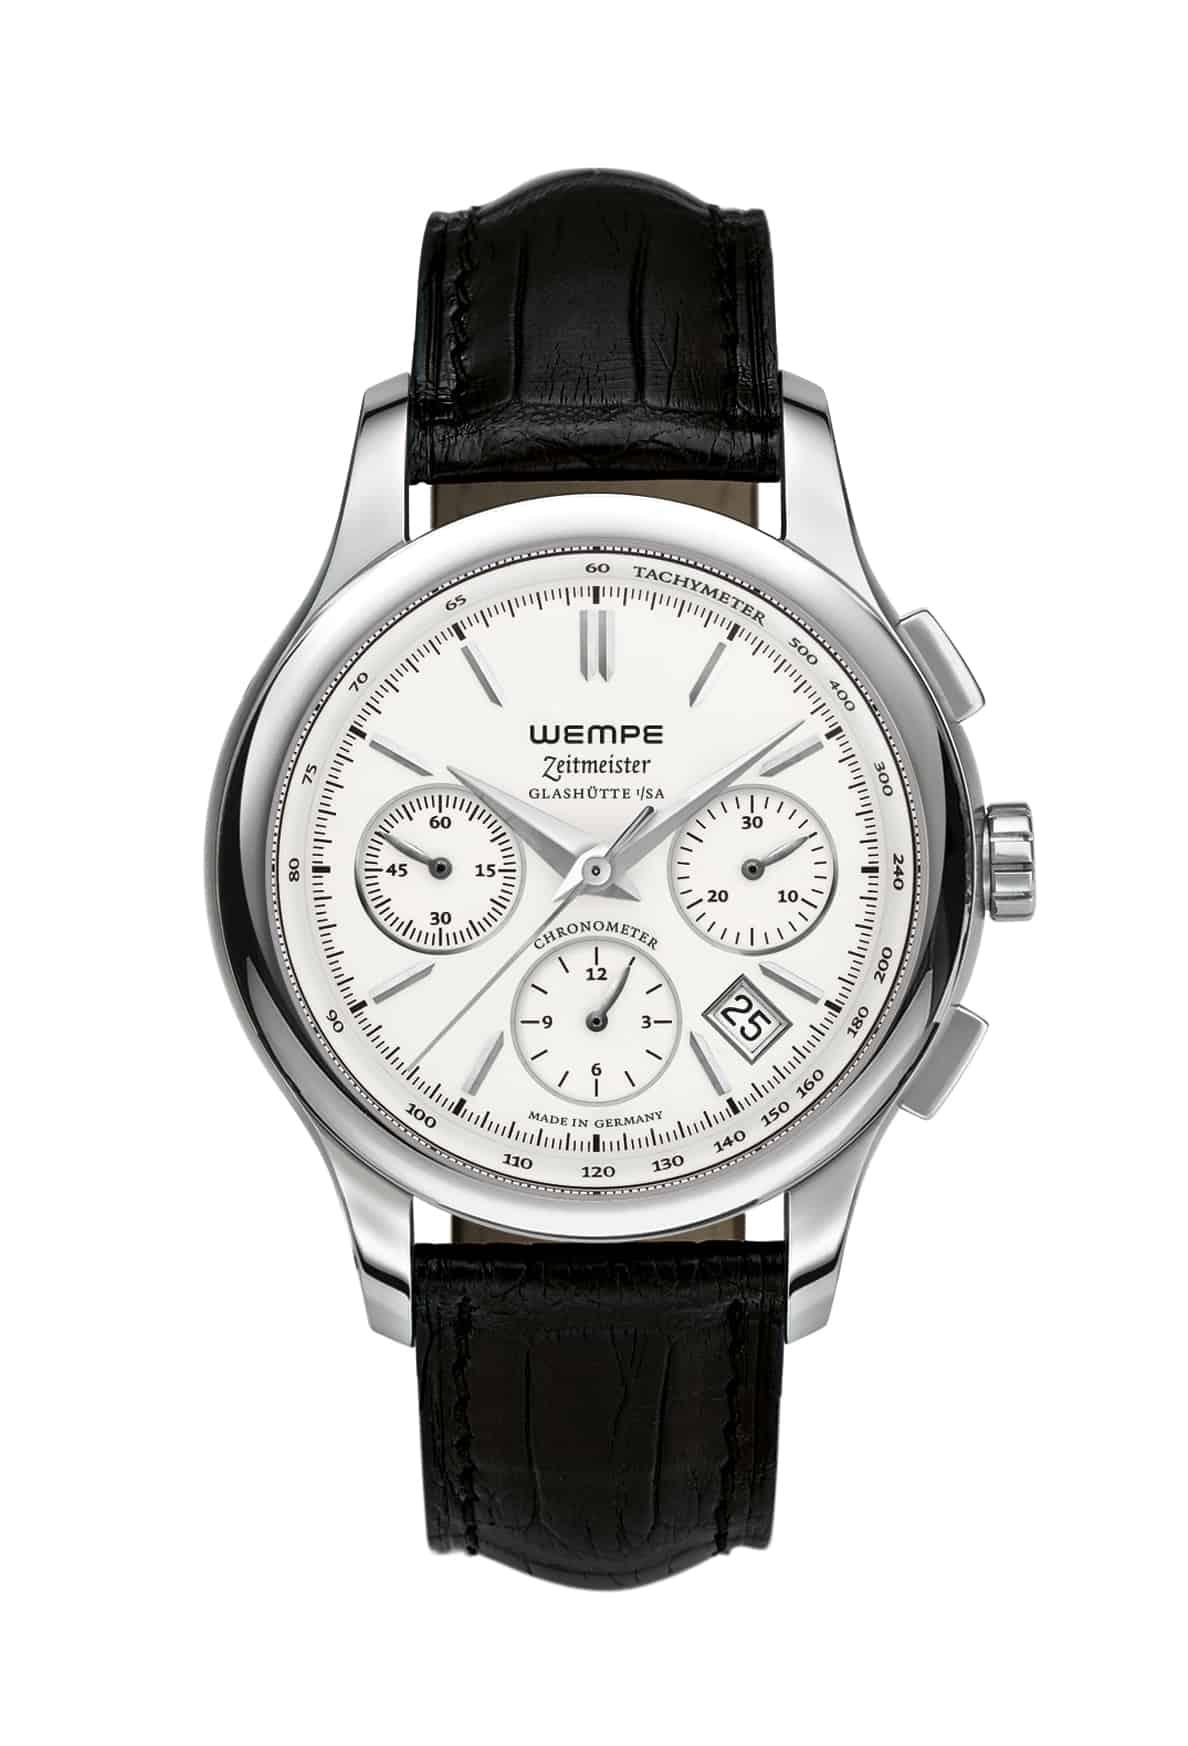 Mit einem Stahl-Chronometer Modell Erster Zeitmeister begann im Jahr 2006 bei Wempe wieder die Herstellung von eigenen Uhren